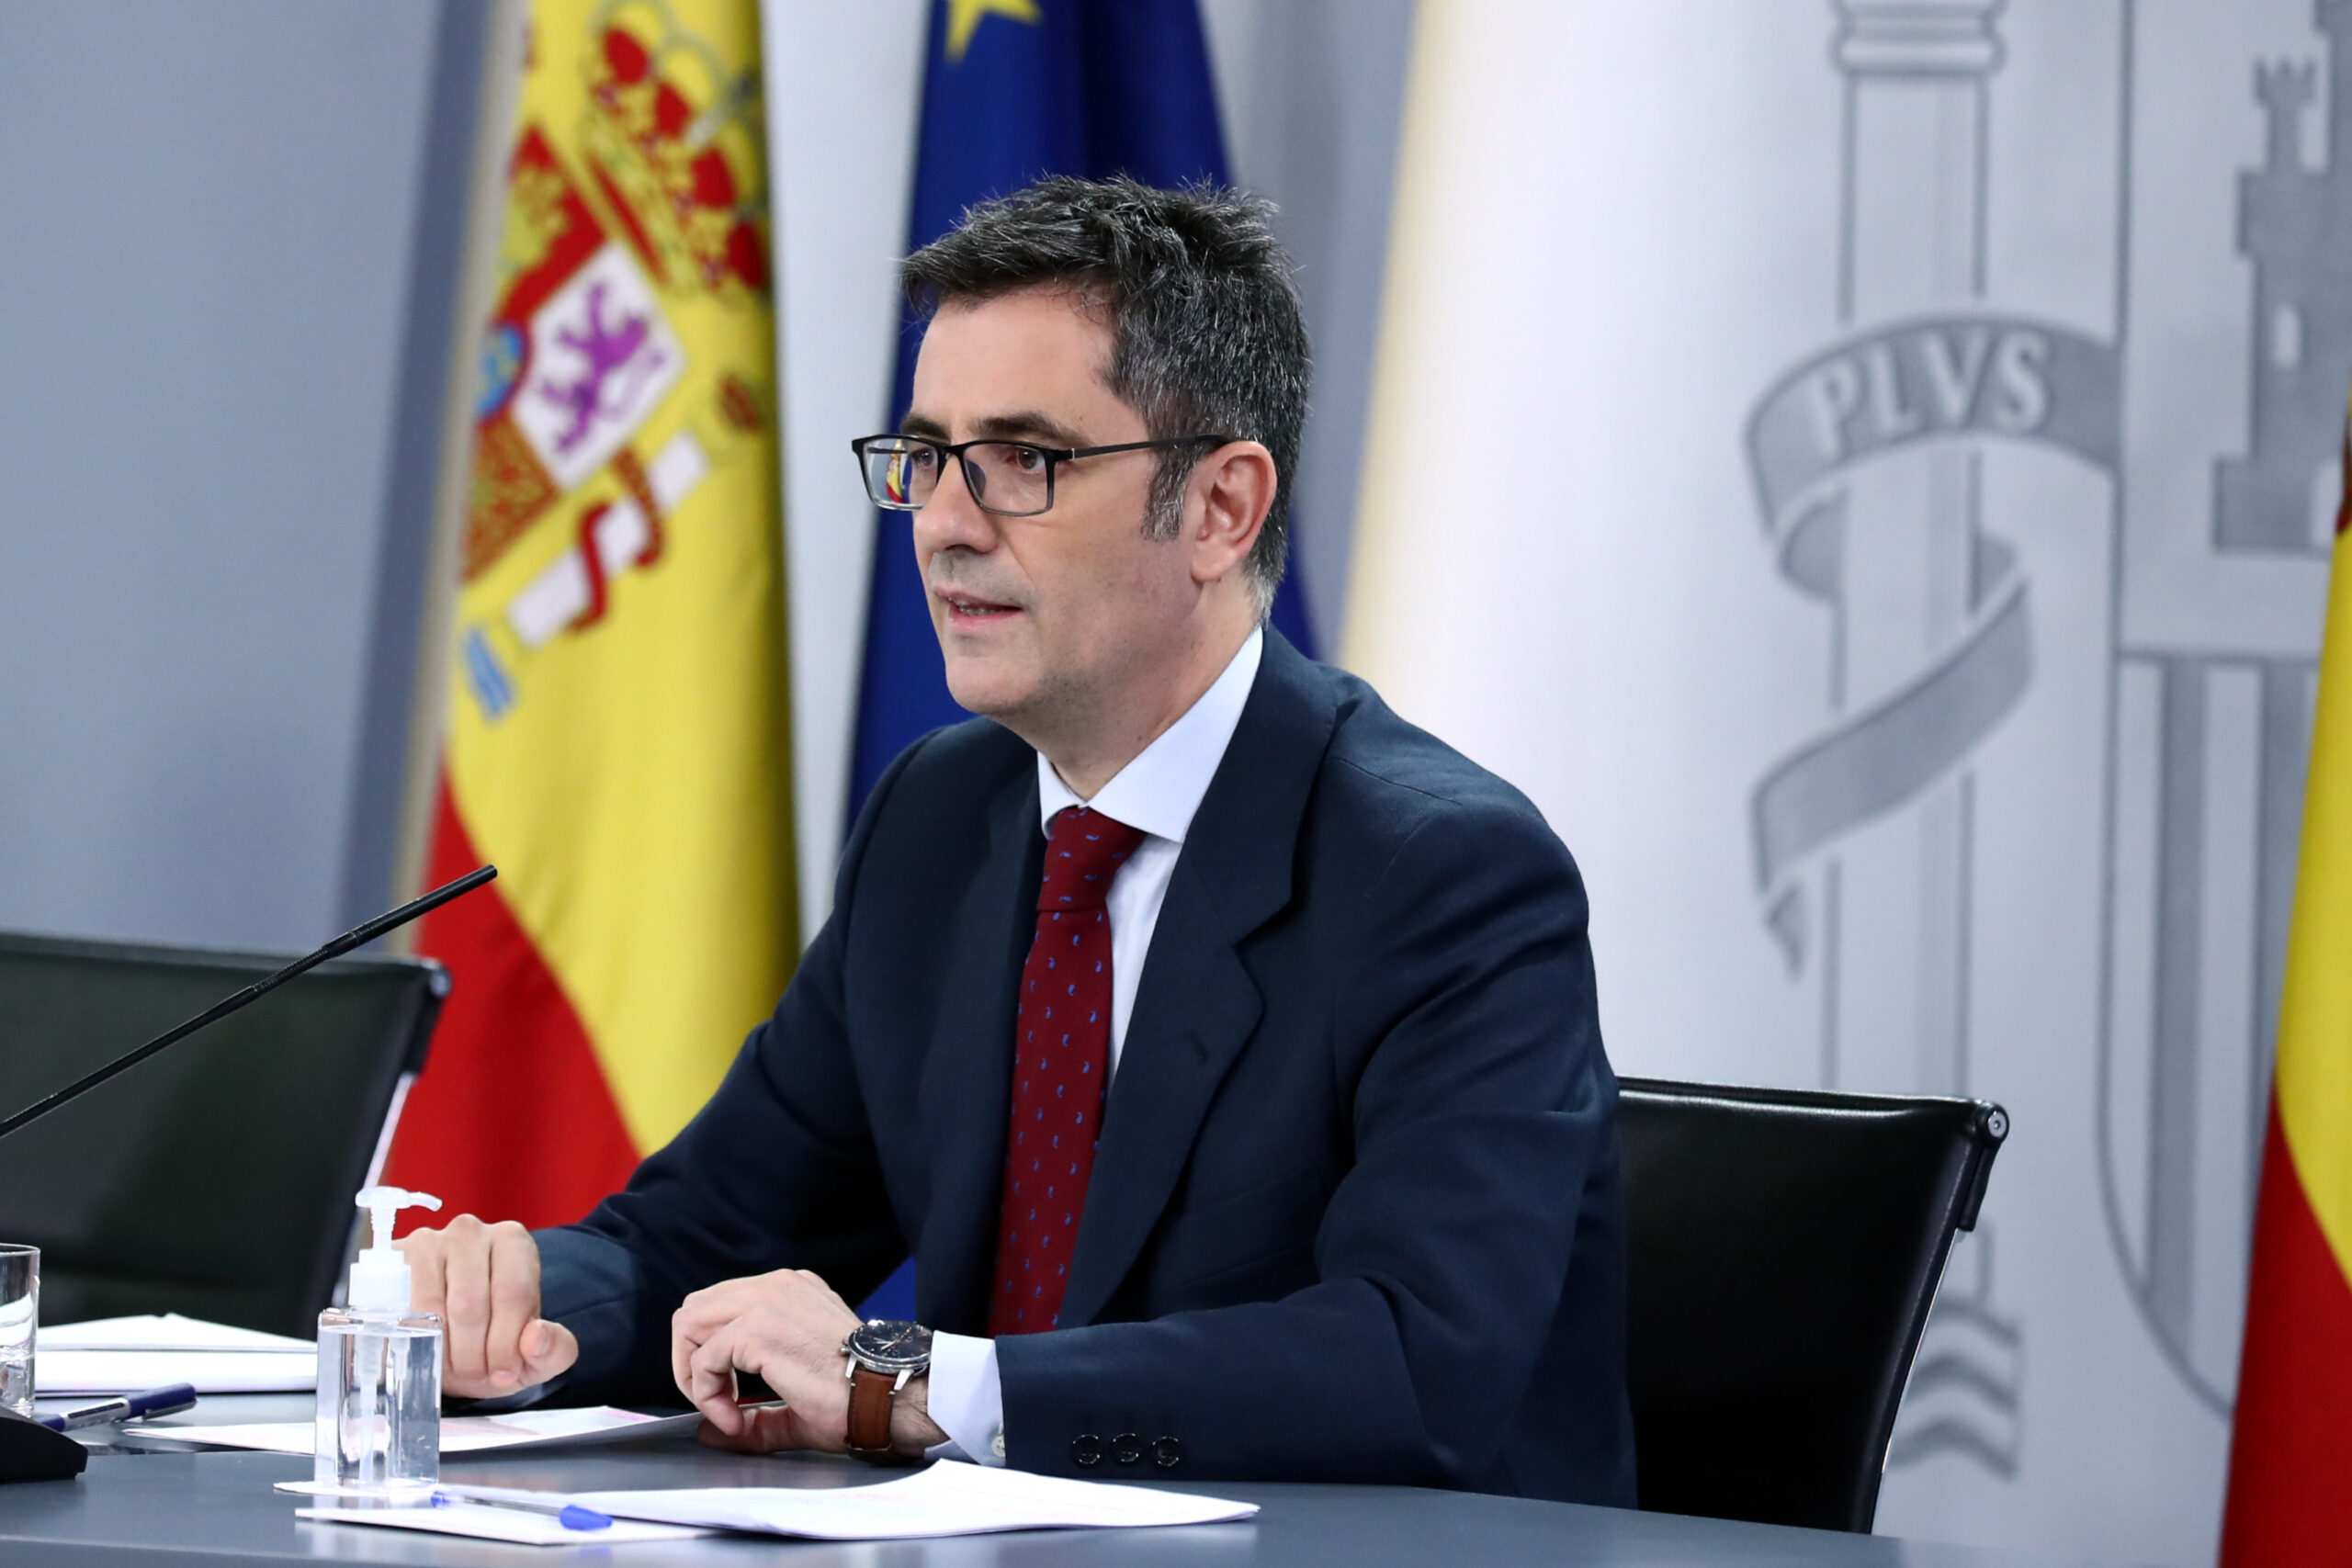 El ministre de Presidència, Félix Bolaños, durant la roda de premsa posterior al Consell de Ministres, el 20-07-21 / ACN